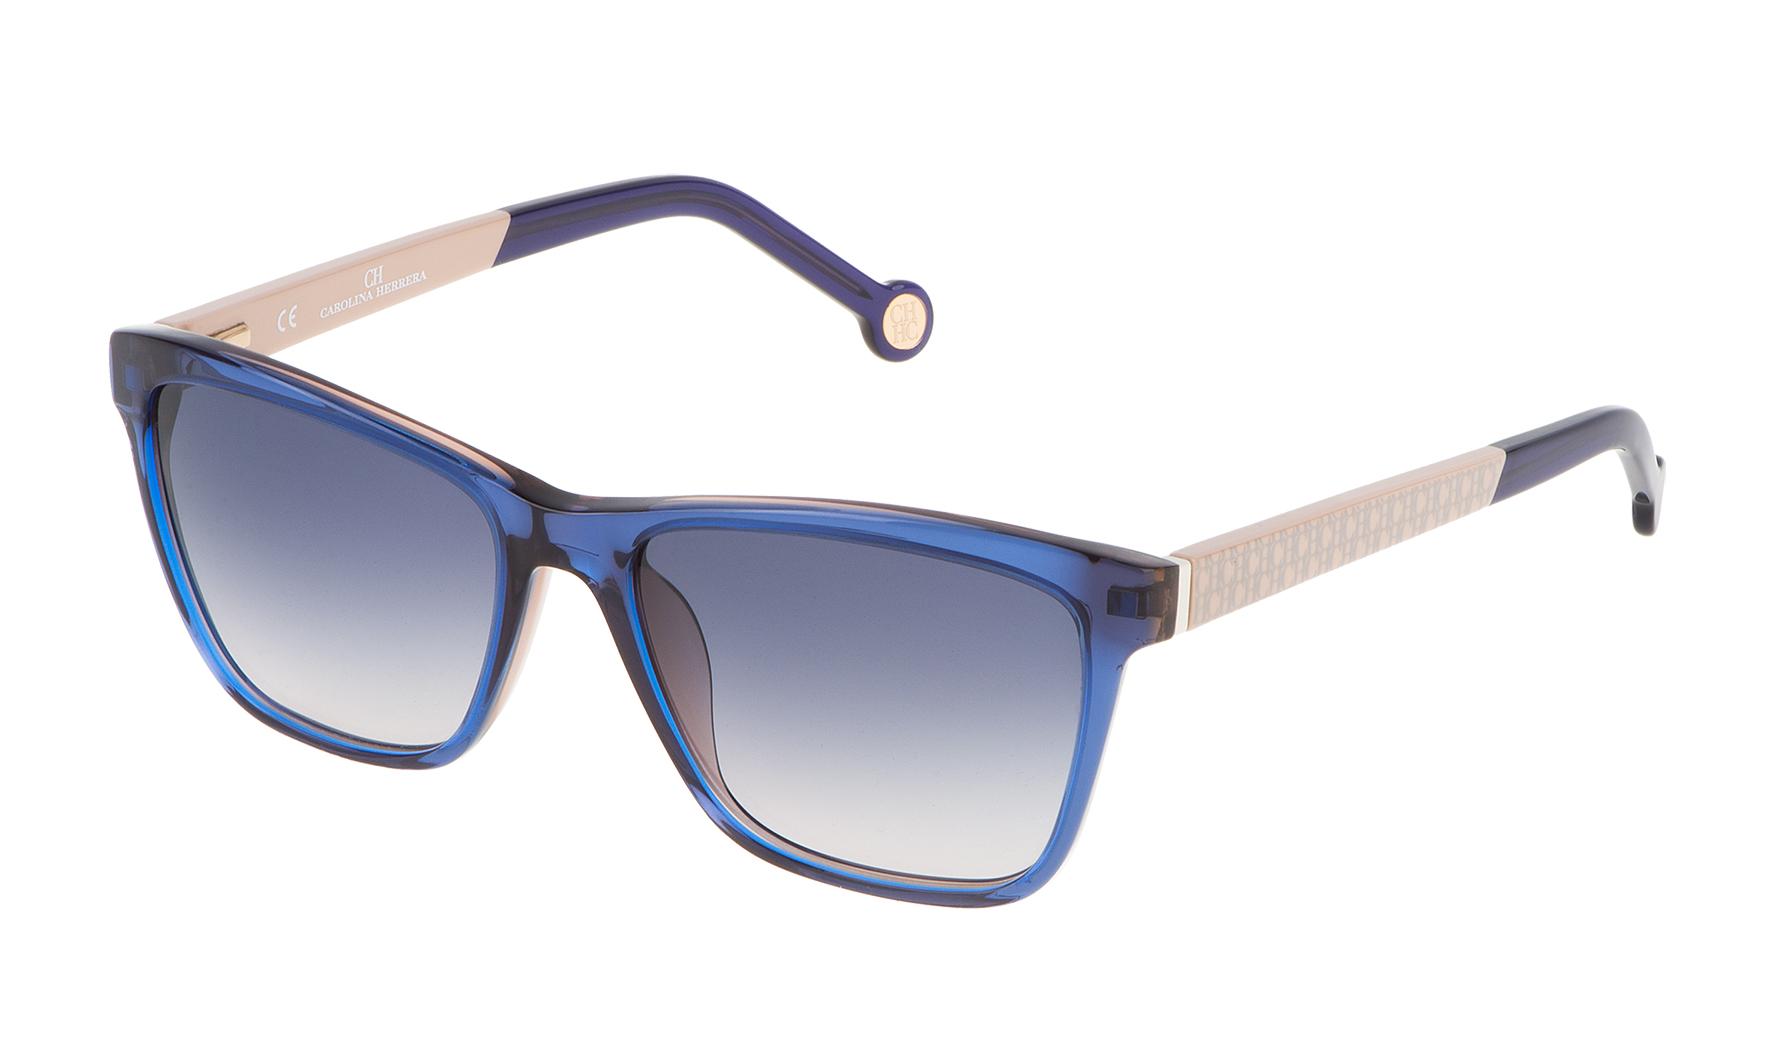 c45ff30987 Los materiales de esta nueva colección de gafas de sol Carolina Herrera son  el ...